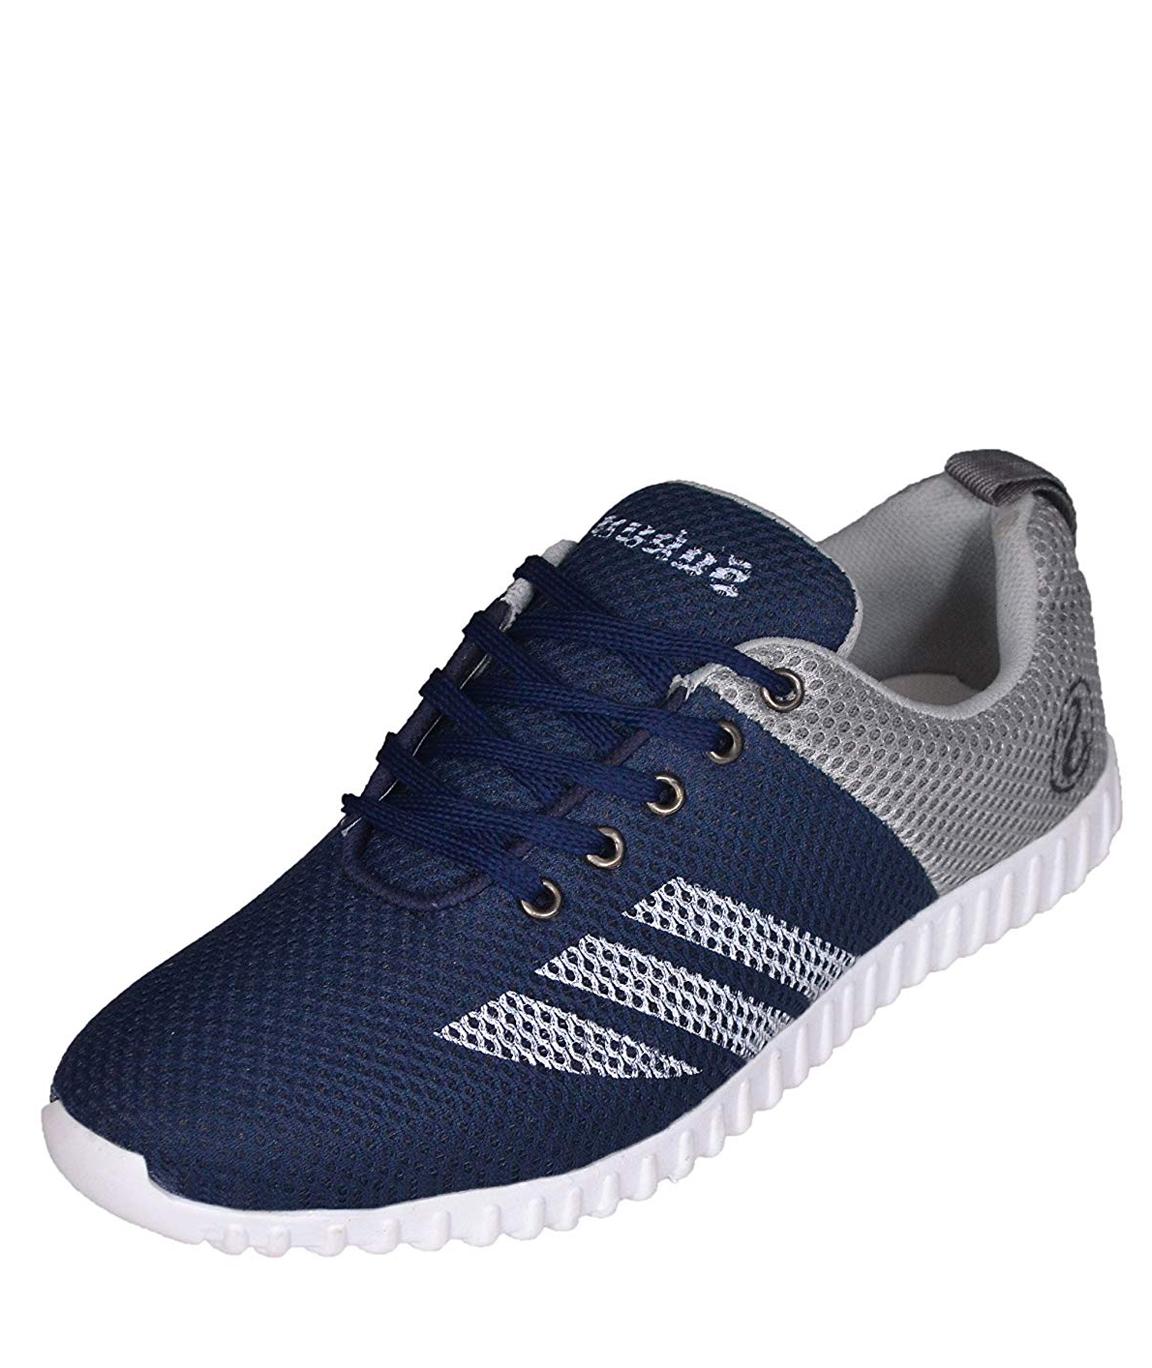 Sukun Blue Casual Shoes